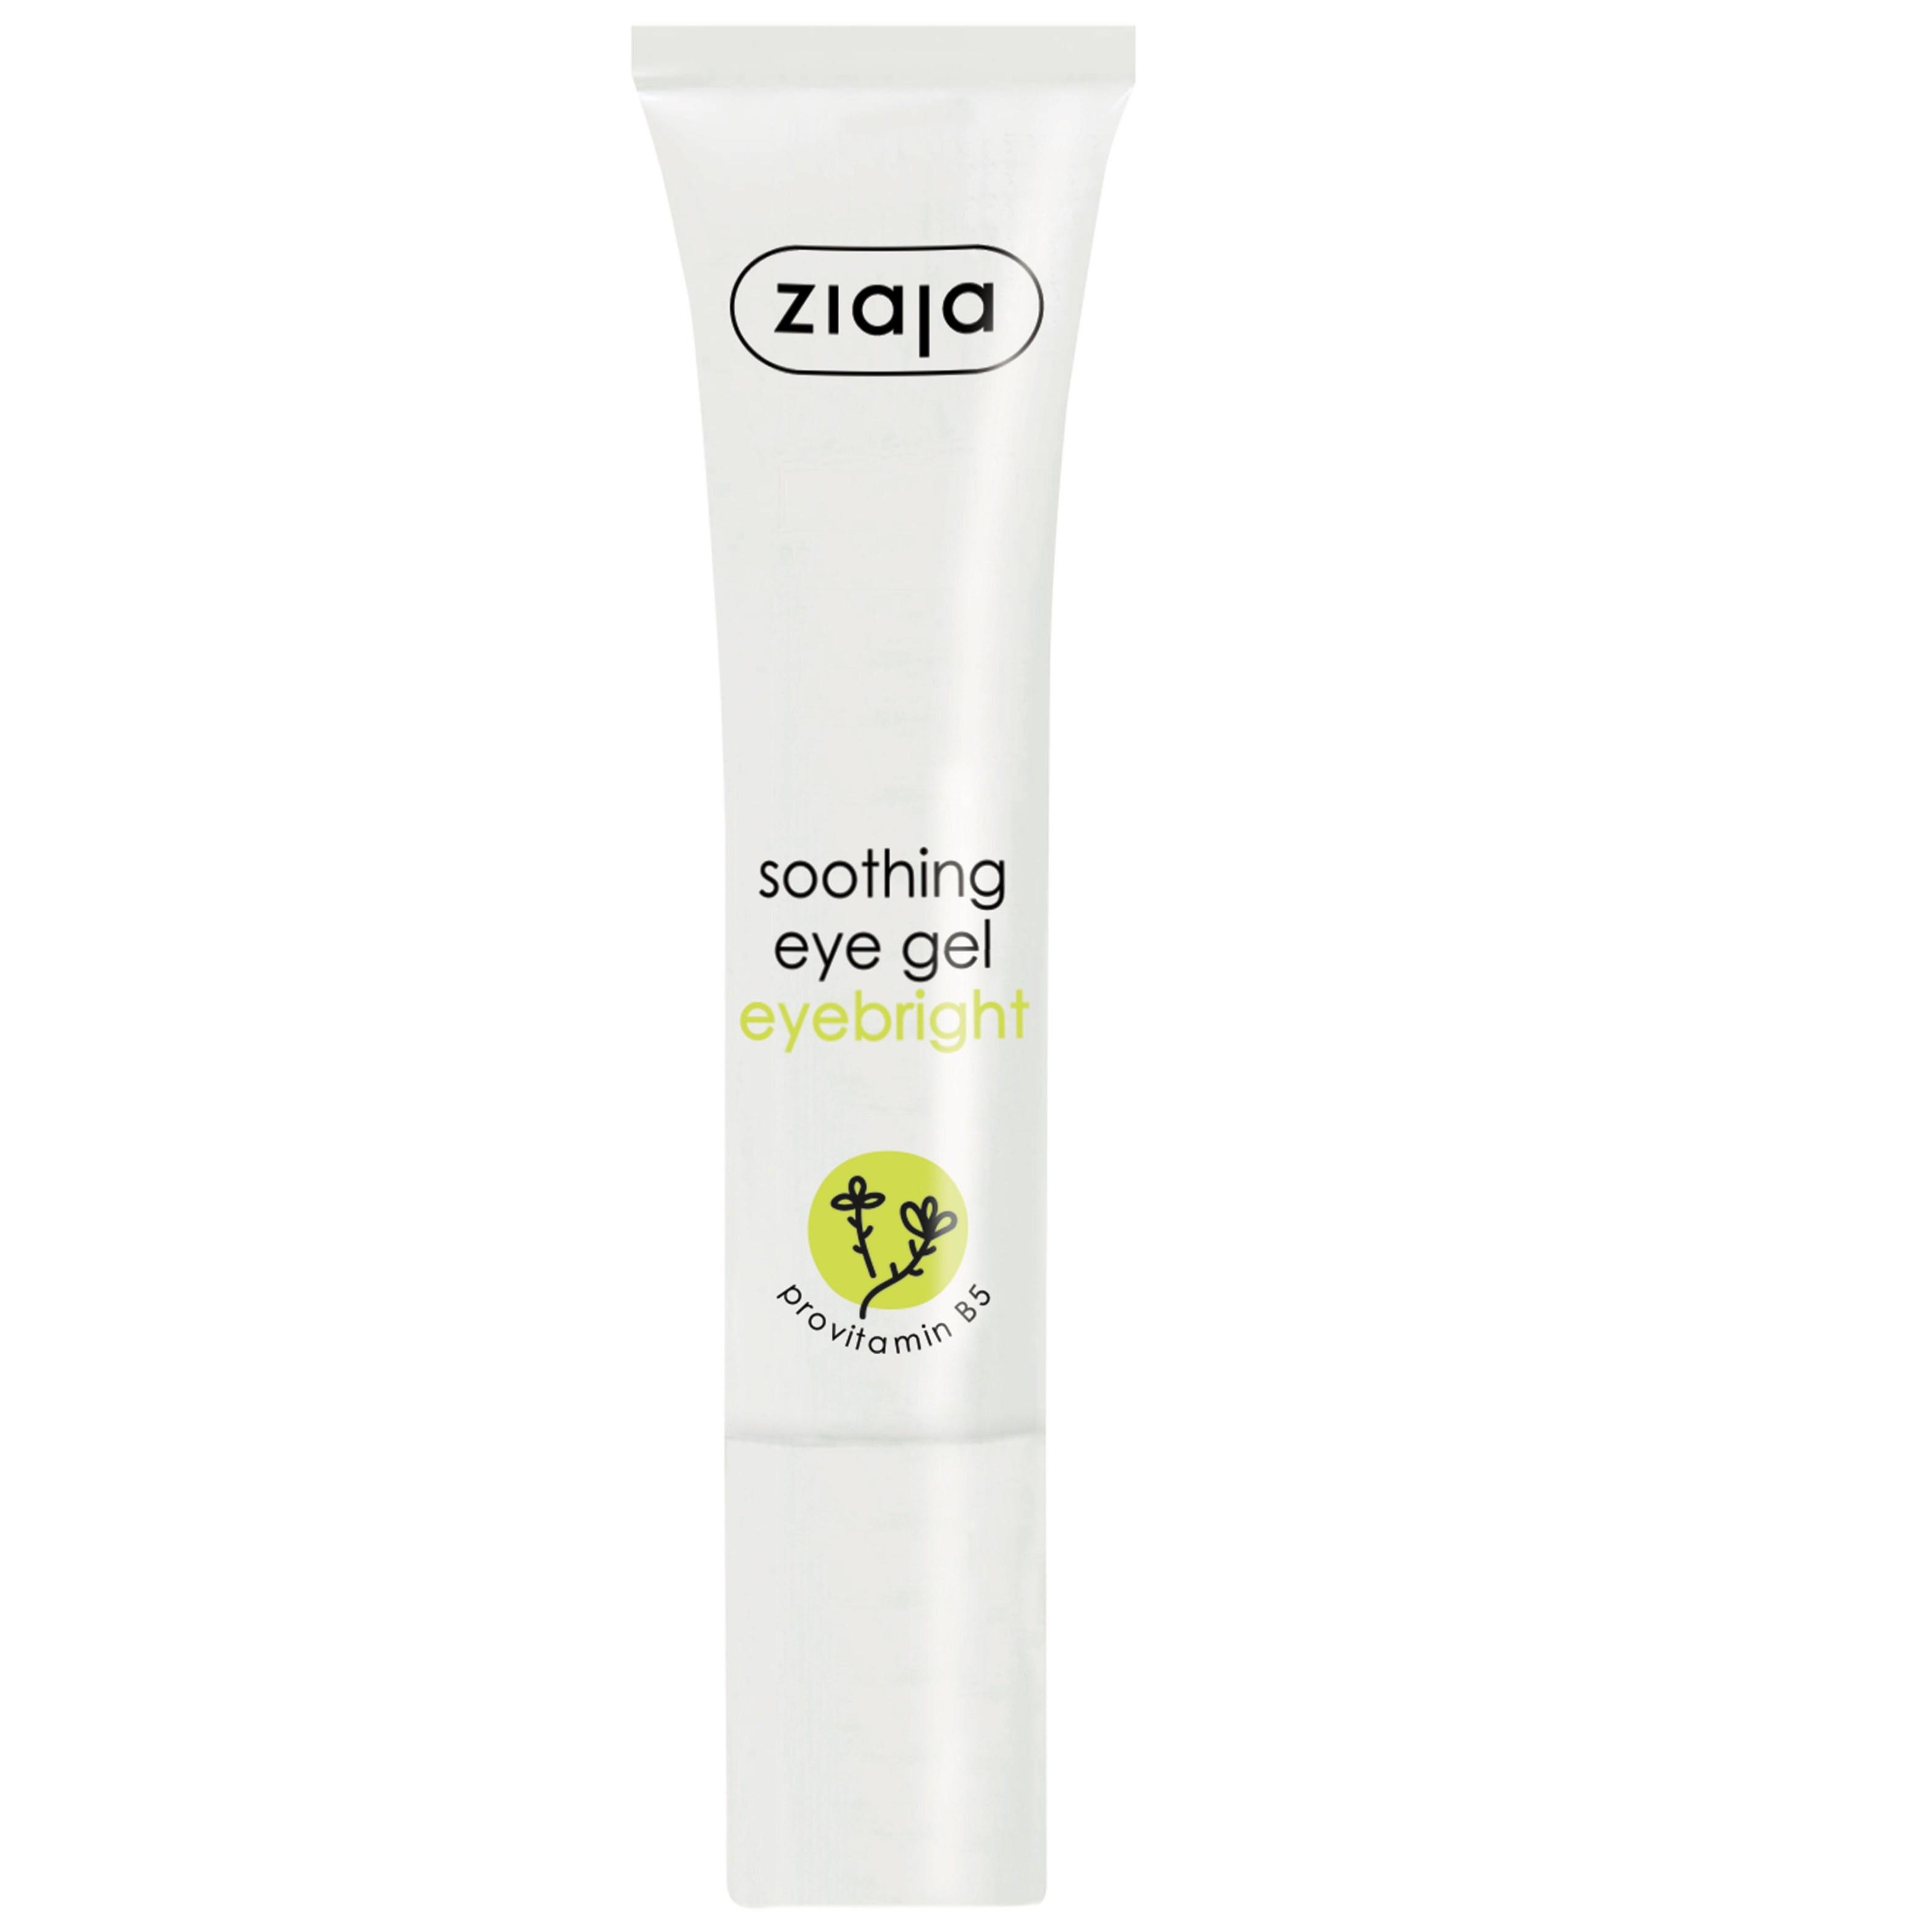 ЖАЯ Околоочен гел с успокояващо действие с екстракт от очанка 15мл   ZIAJA Soothing eye gel eyebright 15ml